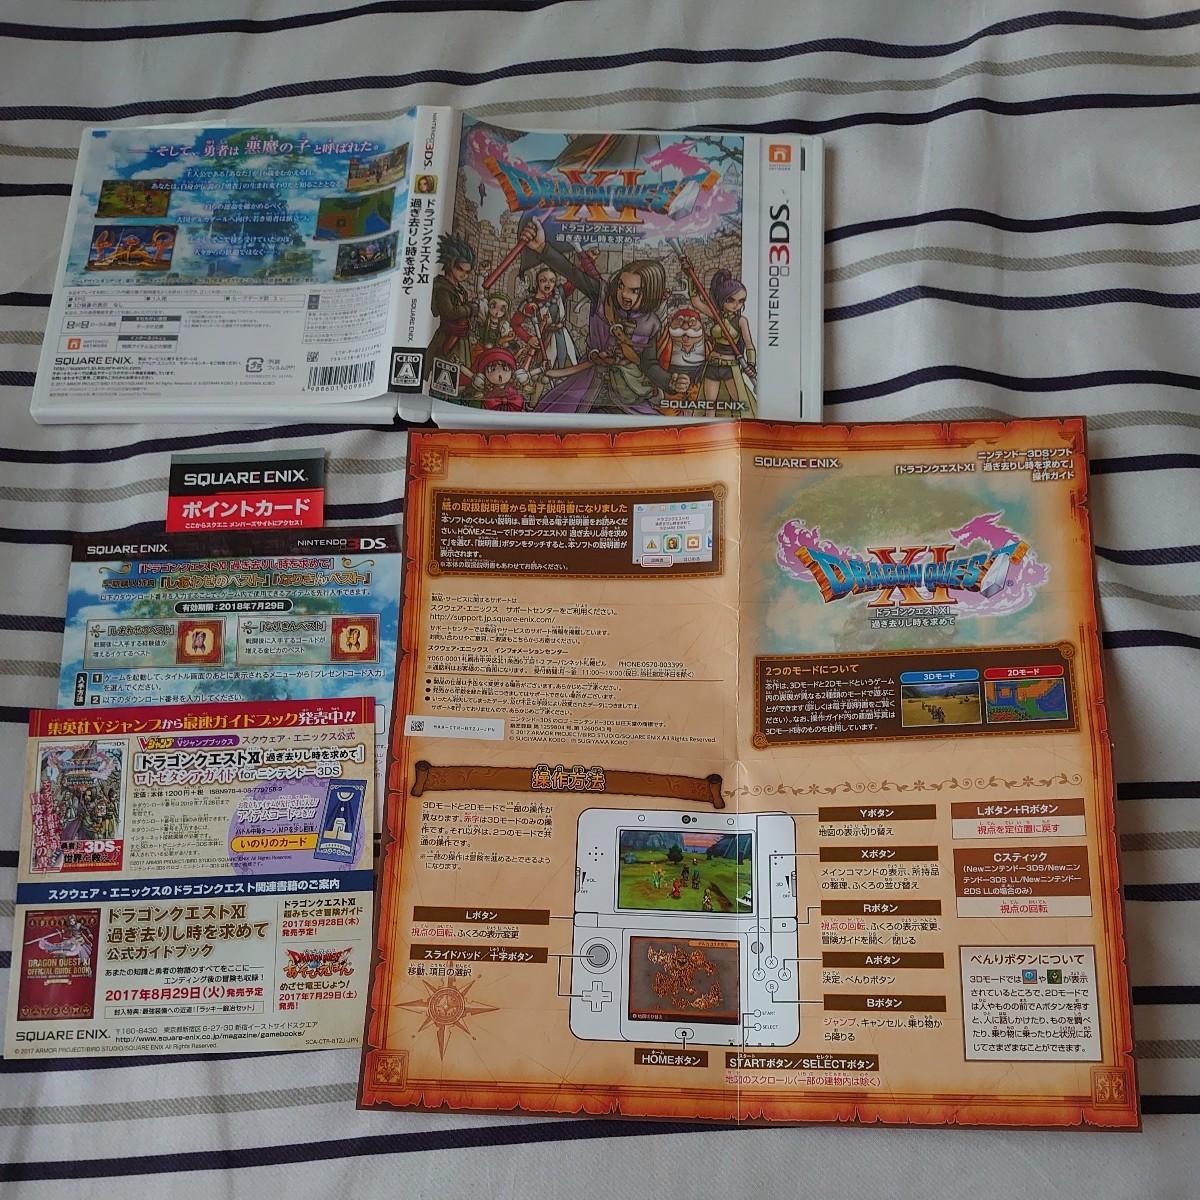 【3DS】 ドラゴンクエストXI 過ぎ去りし時を求めて外箱のみ